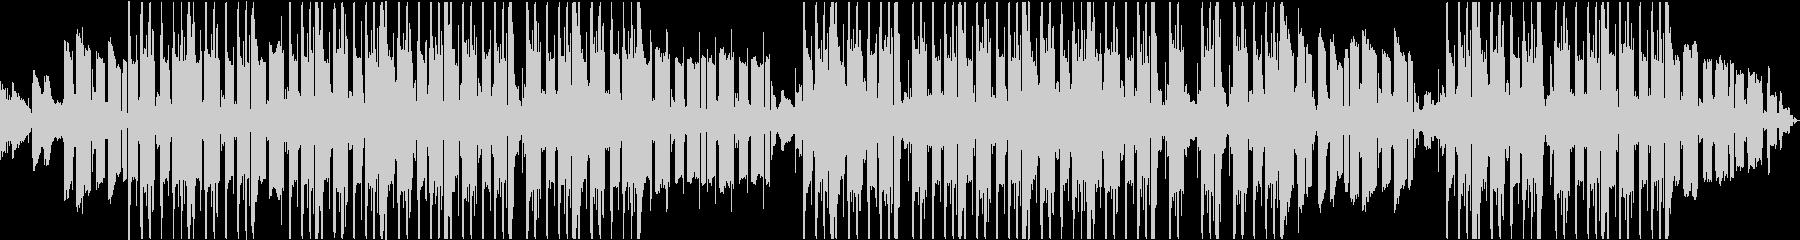 爽やかな重低音トラップビートの未再生の波形